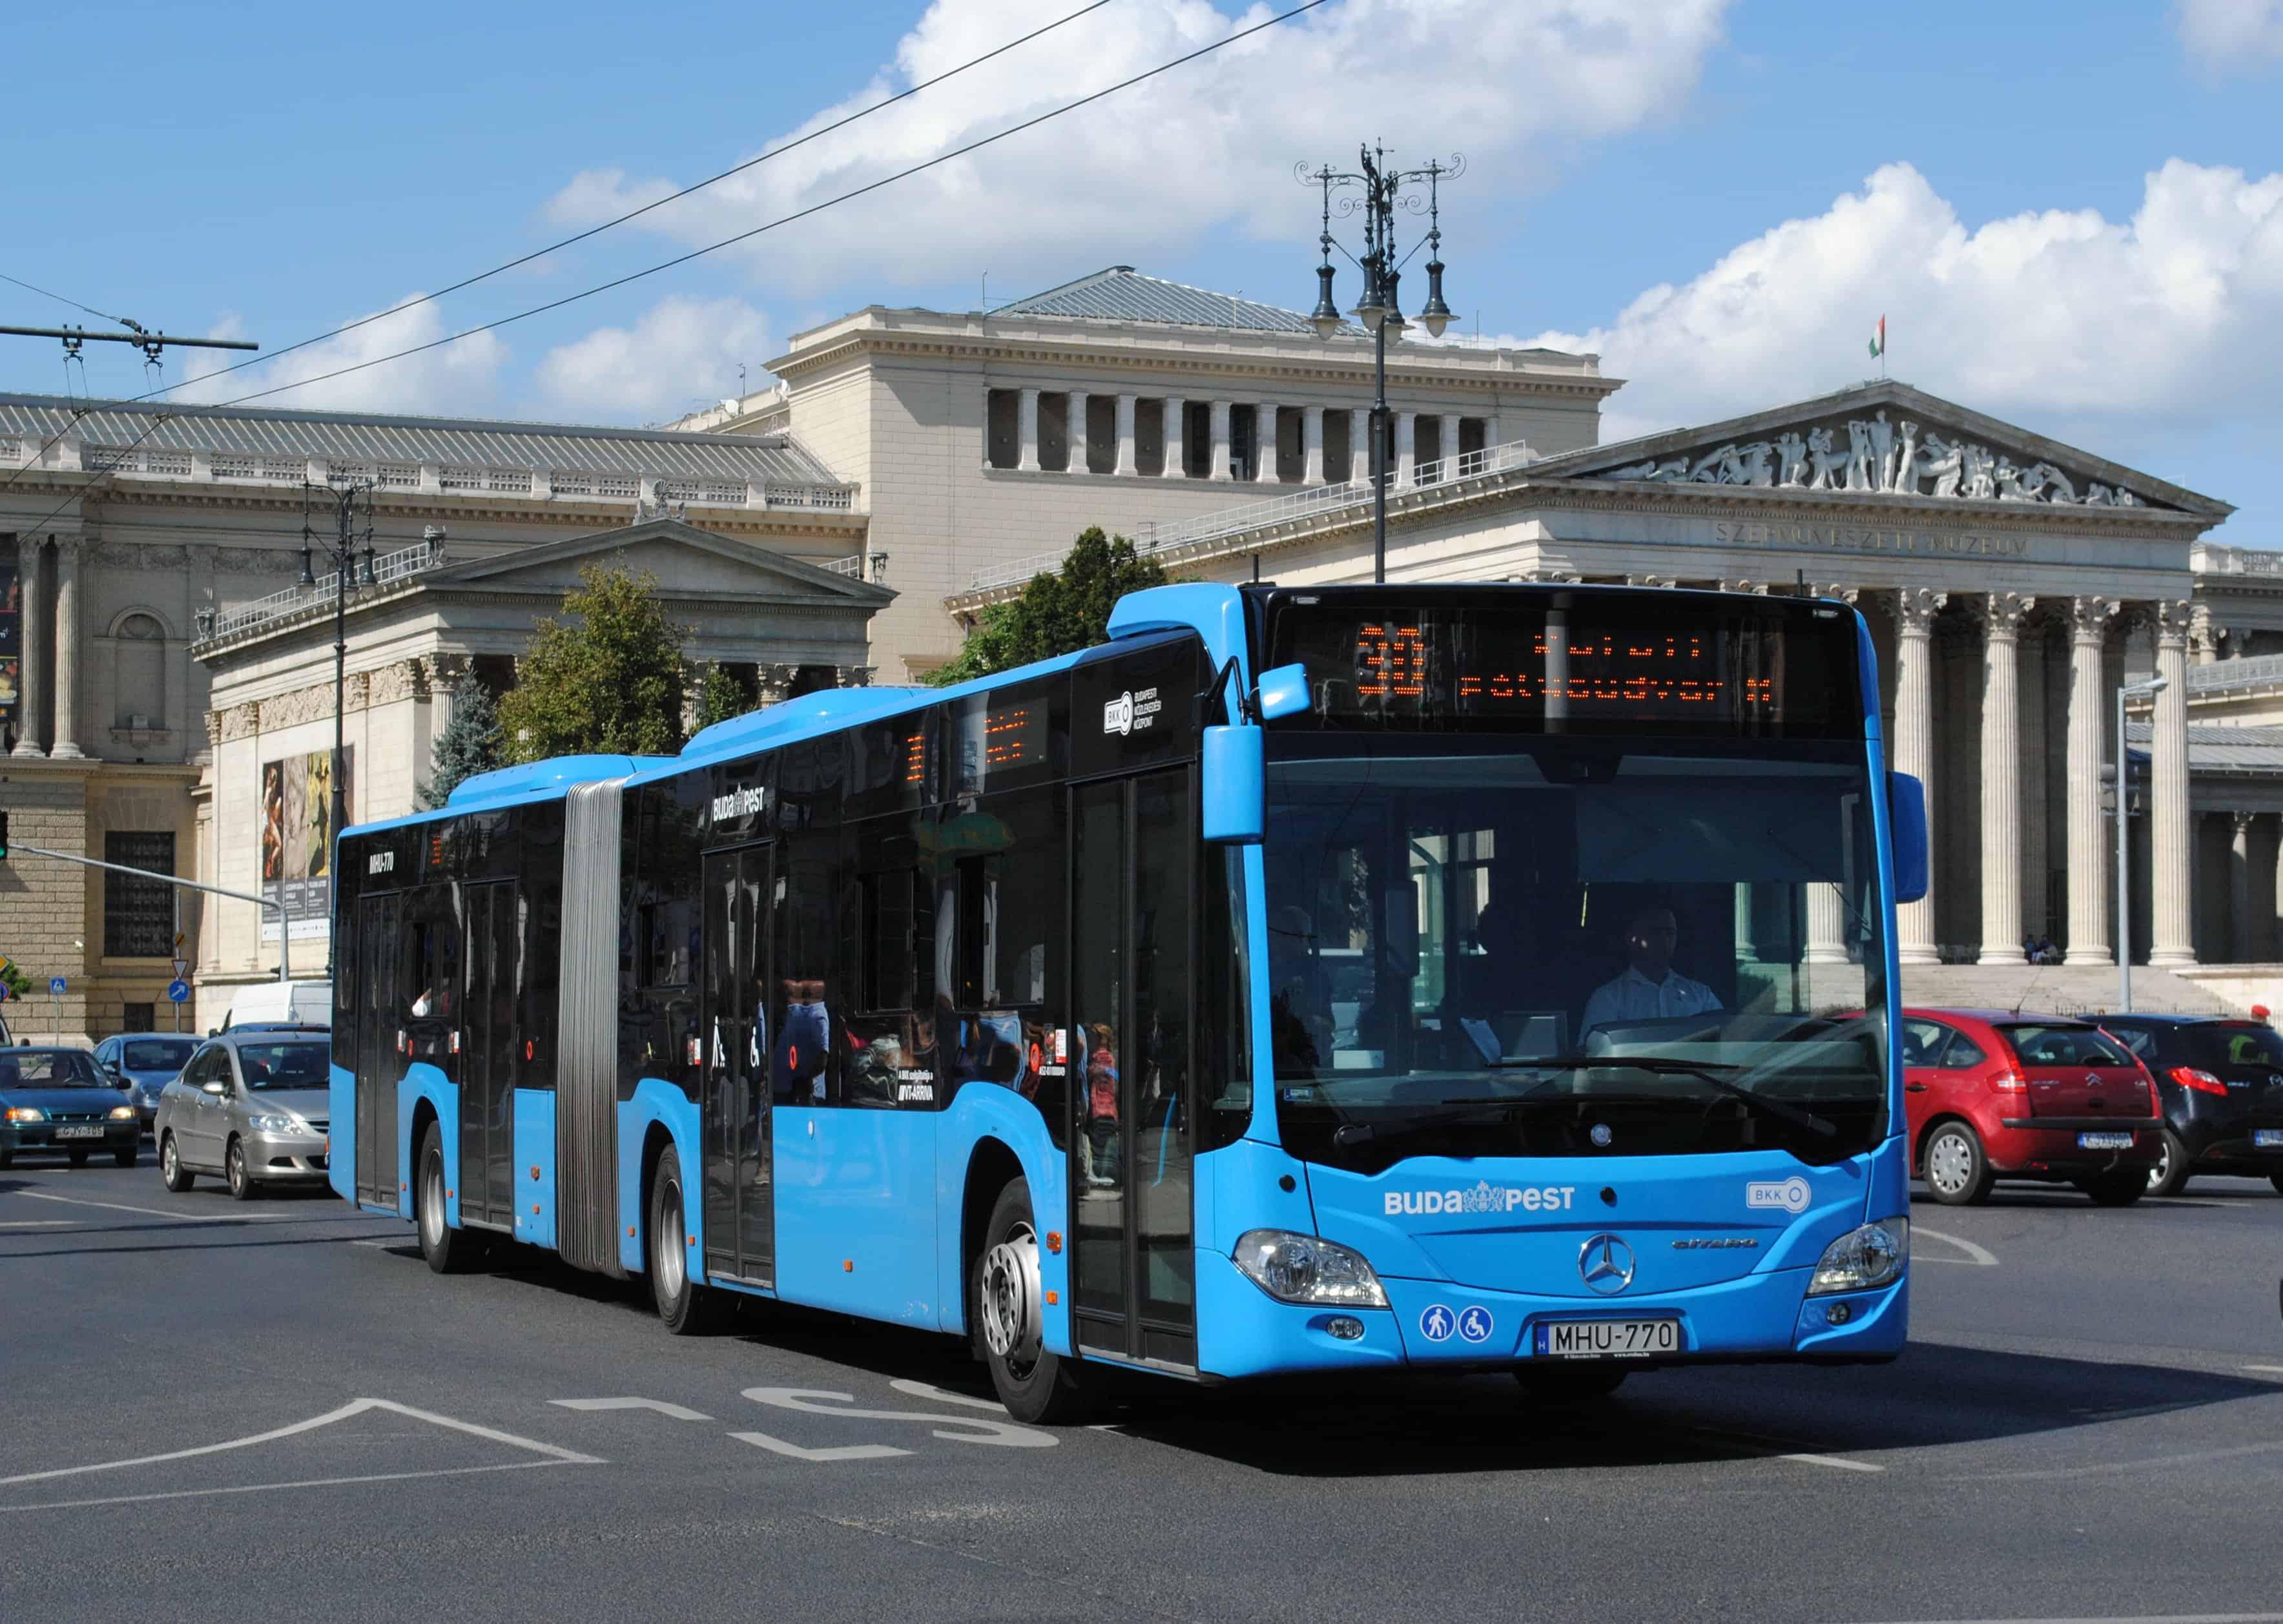 شركة المواصلات المجرية BKV